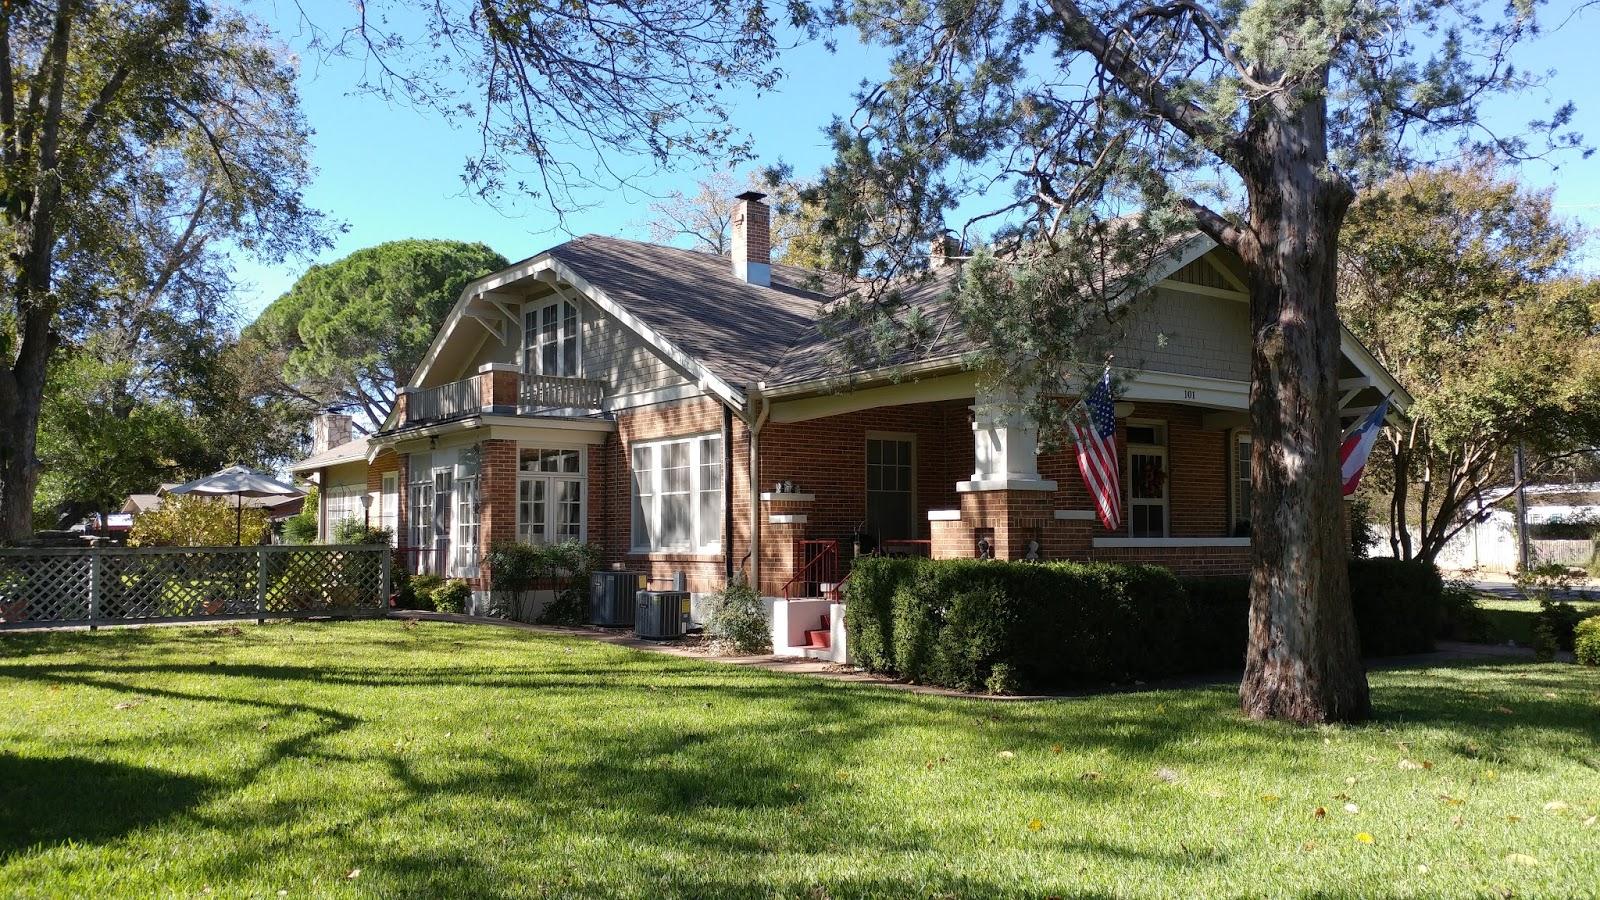 Stupendous 2 Wee Cottages Bed Breakfast Fredericksburg Texas Interior Design Ideas Clesiryabchikinfo